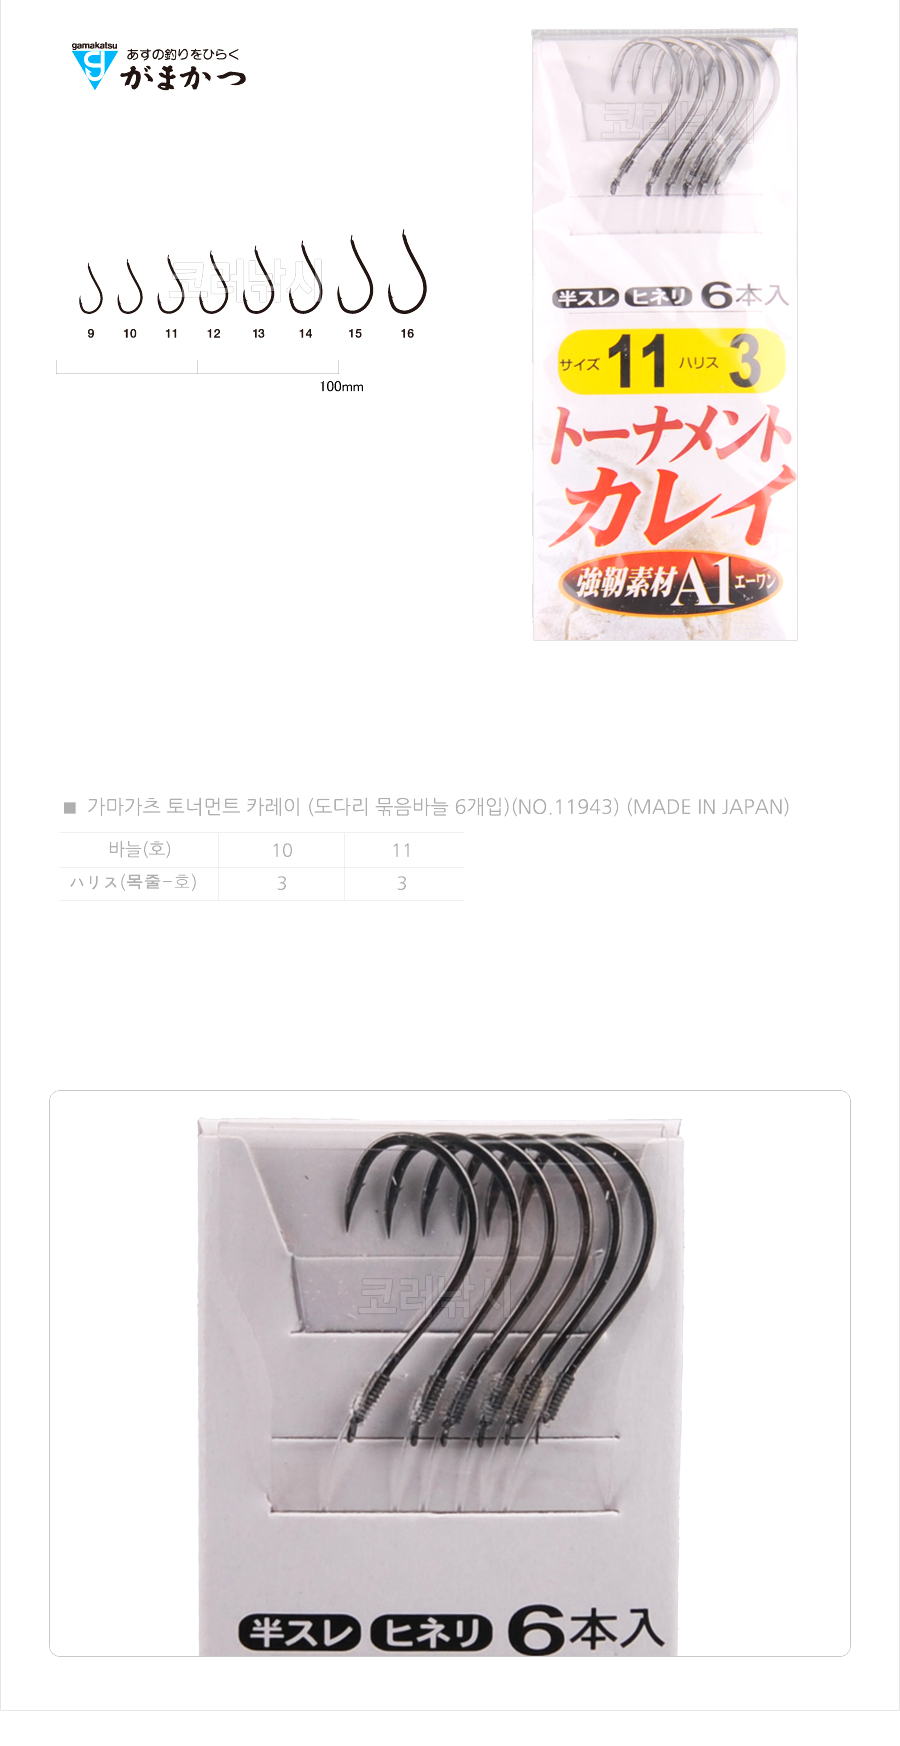 가마가츠 토너먼트 카레이 (도다리 묶음바늘 6개입)(NO.11943) (MADE IN JAPAN) 가자미묶음바늘 가자미바늘 도다리바늘